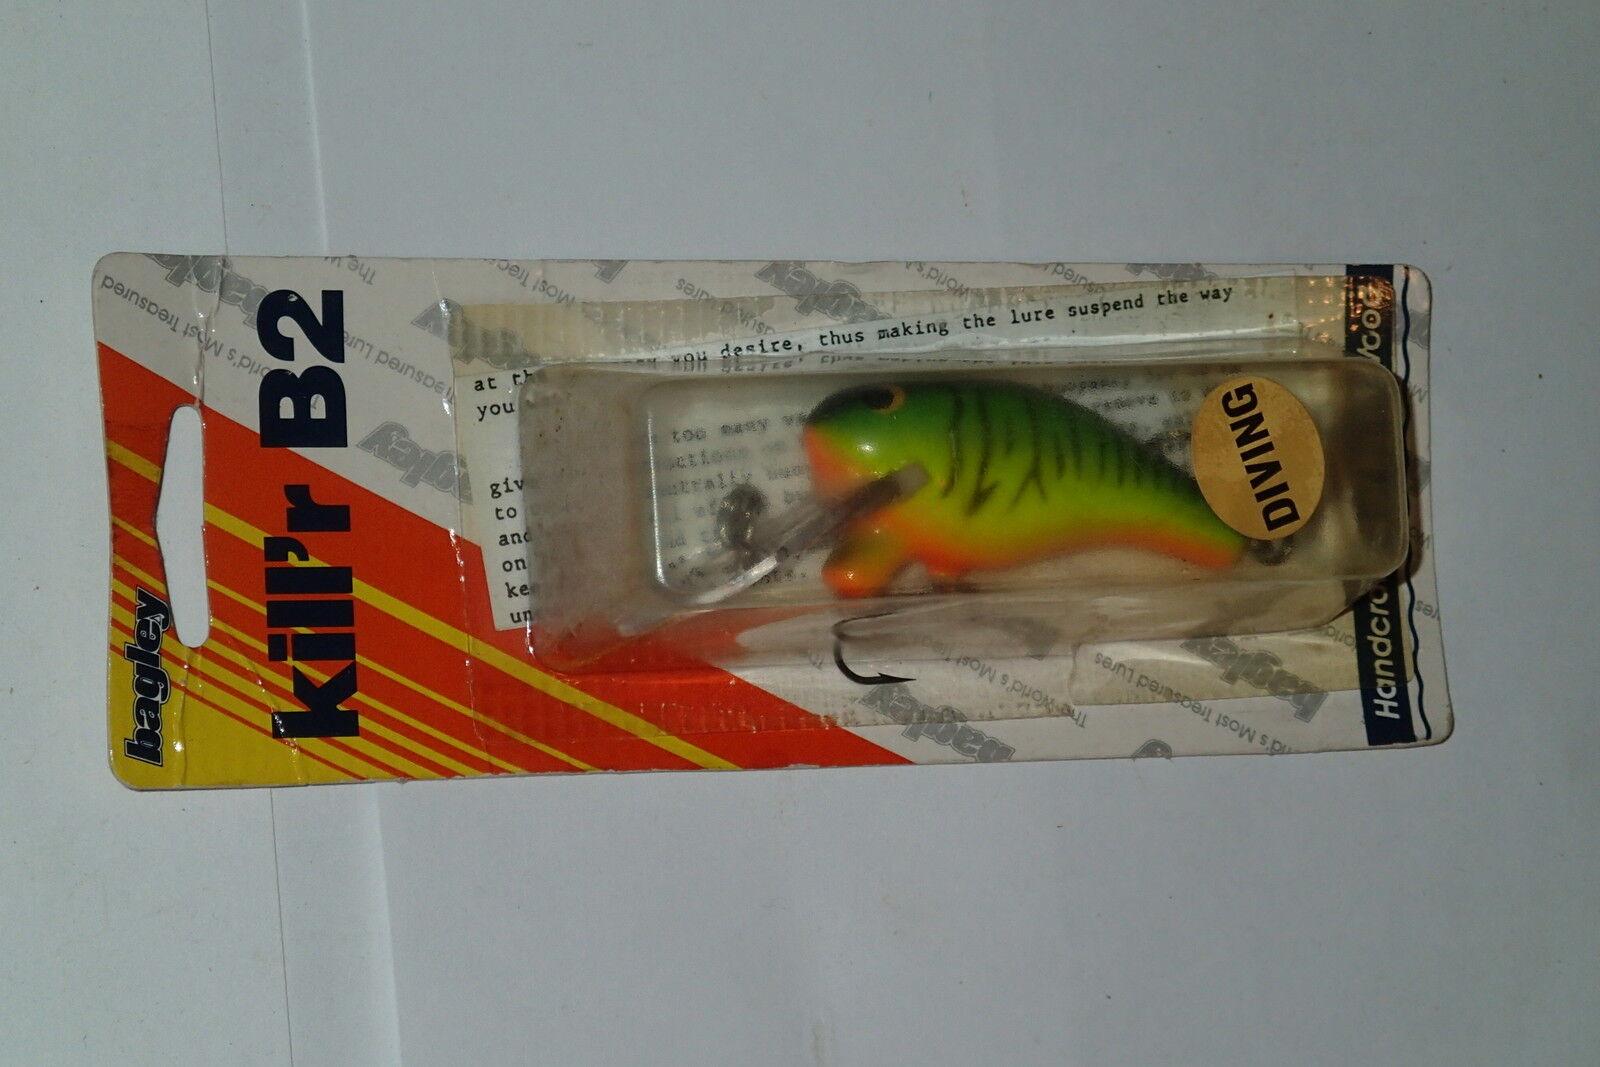 Bagley DKB2 suspender H69T Hot Tiger Buceo Killer B 2 Pesca Señuelos